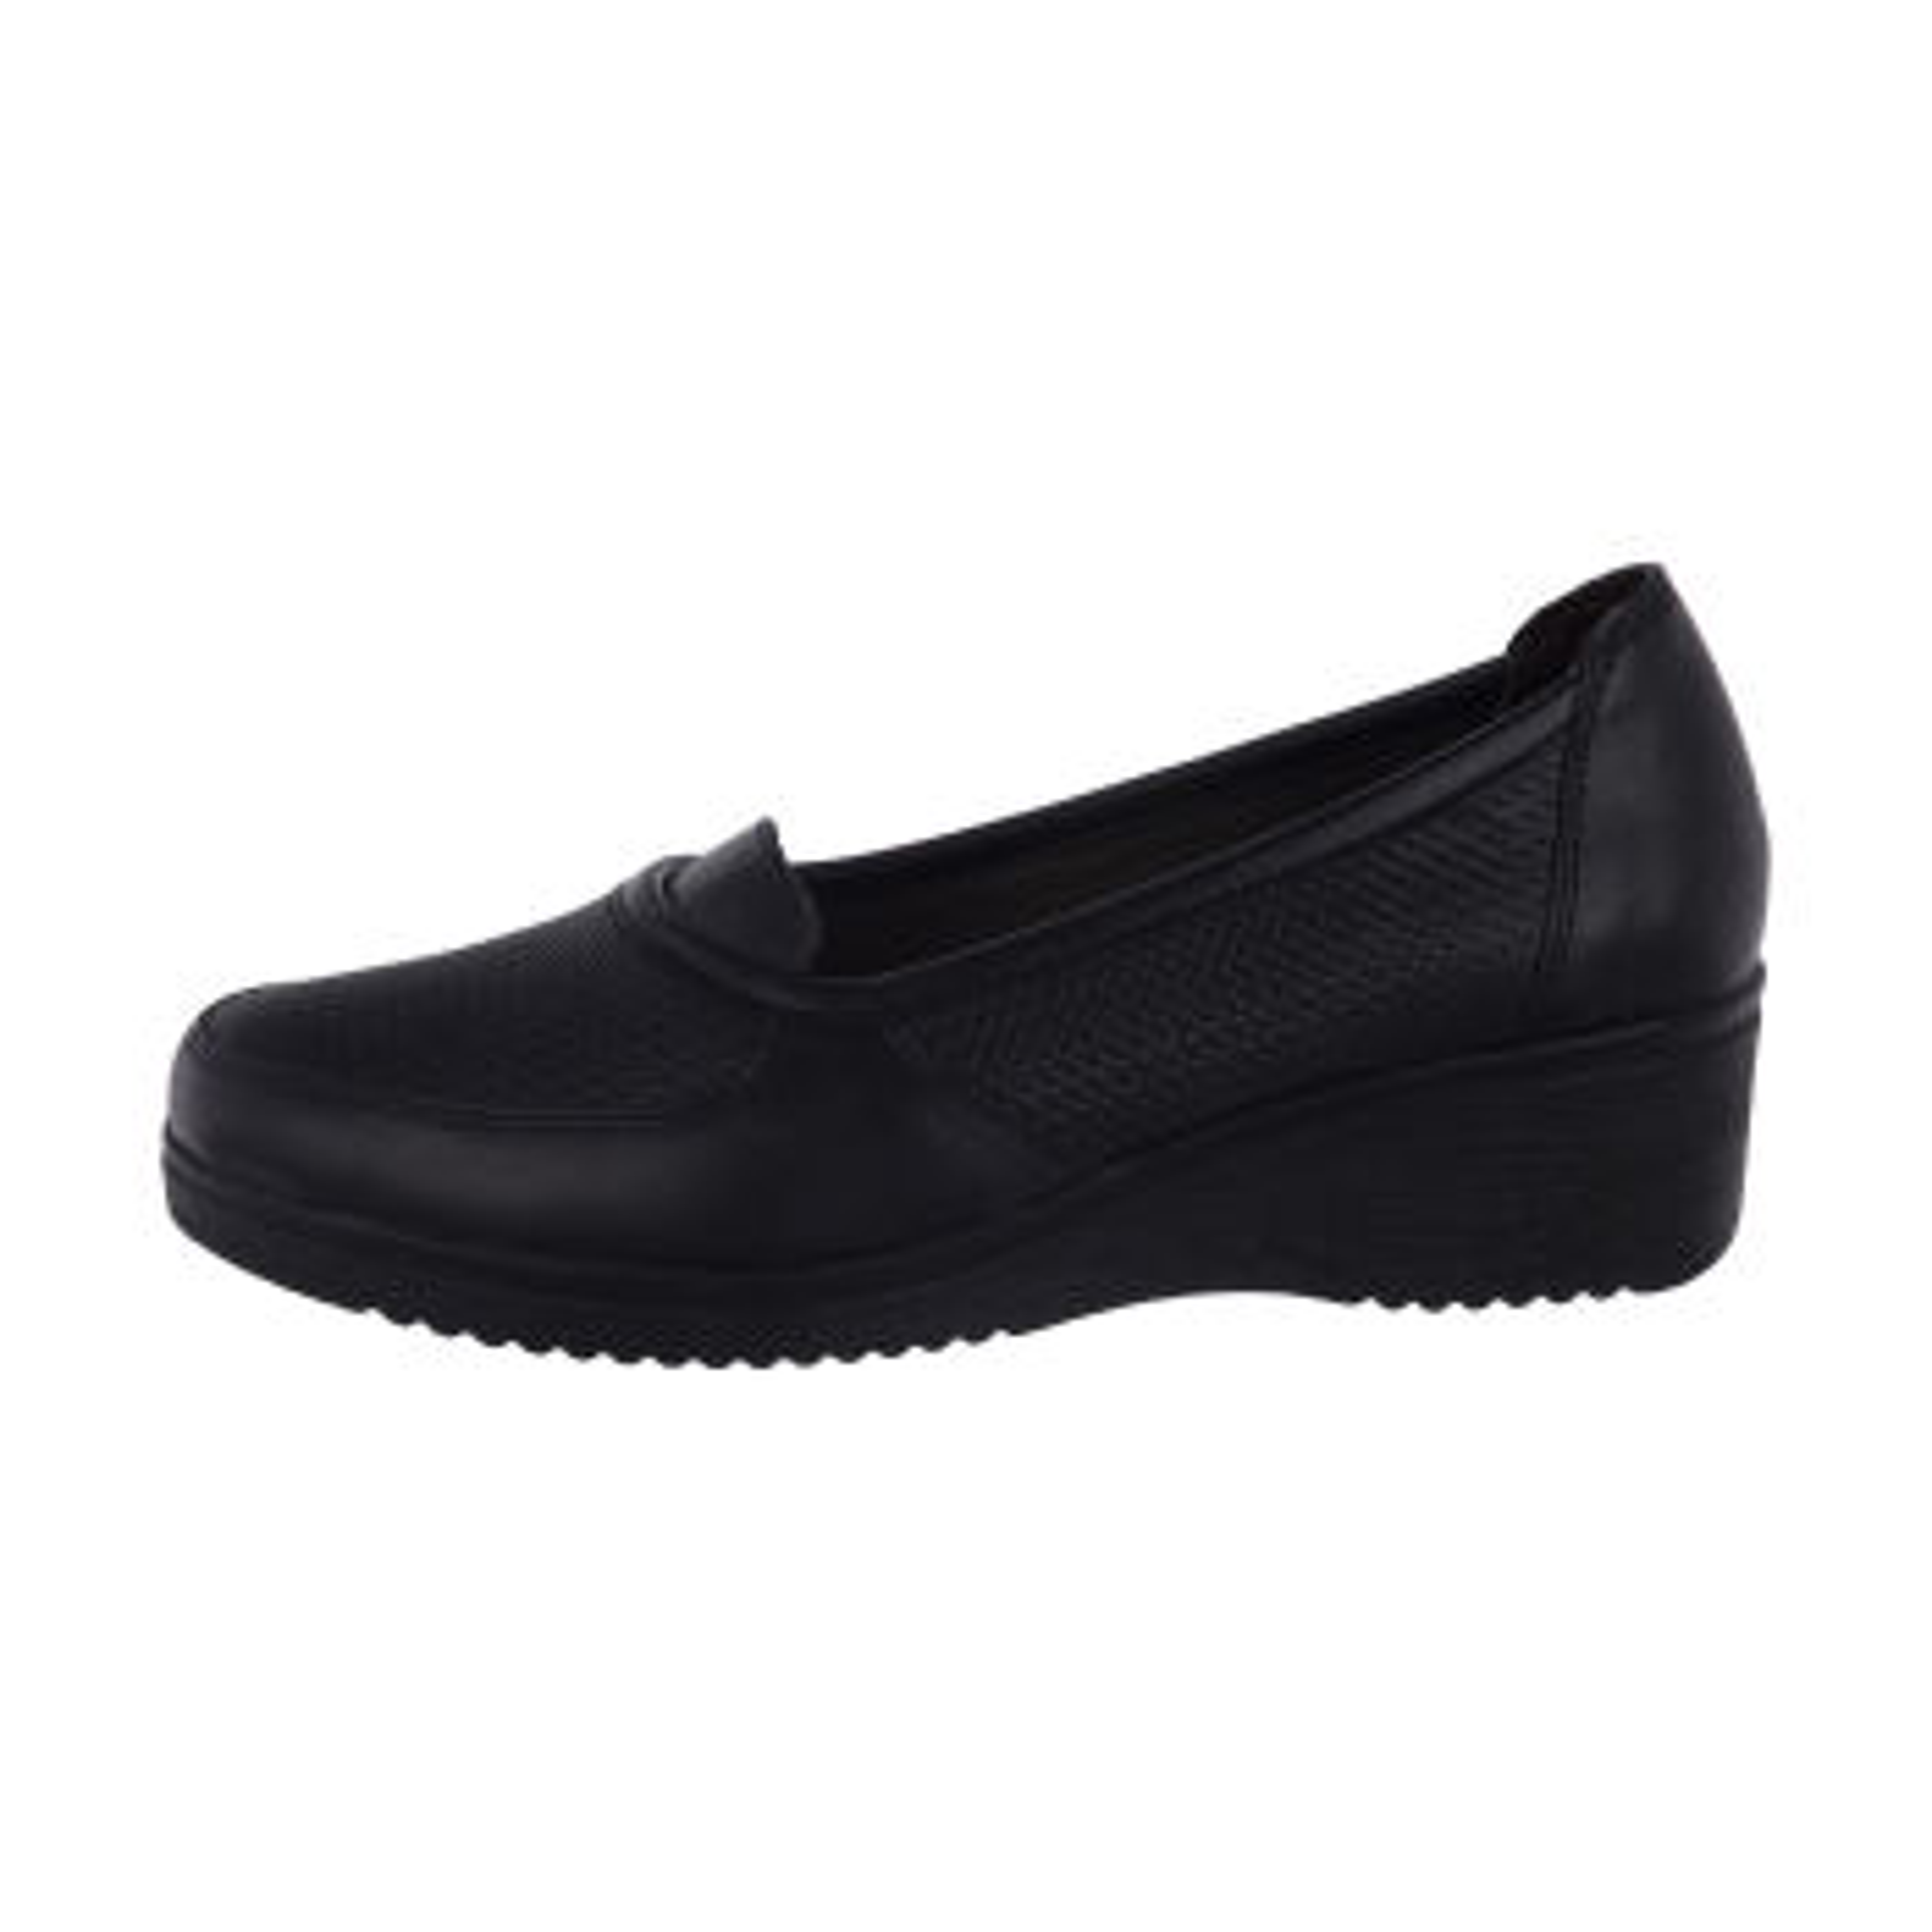 کفش روزمره زنانه دلفارد مدل 6387A500101